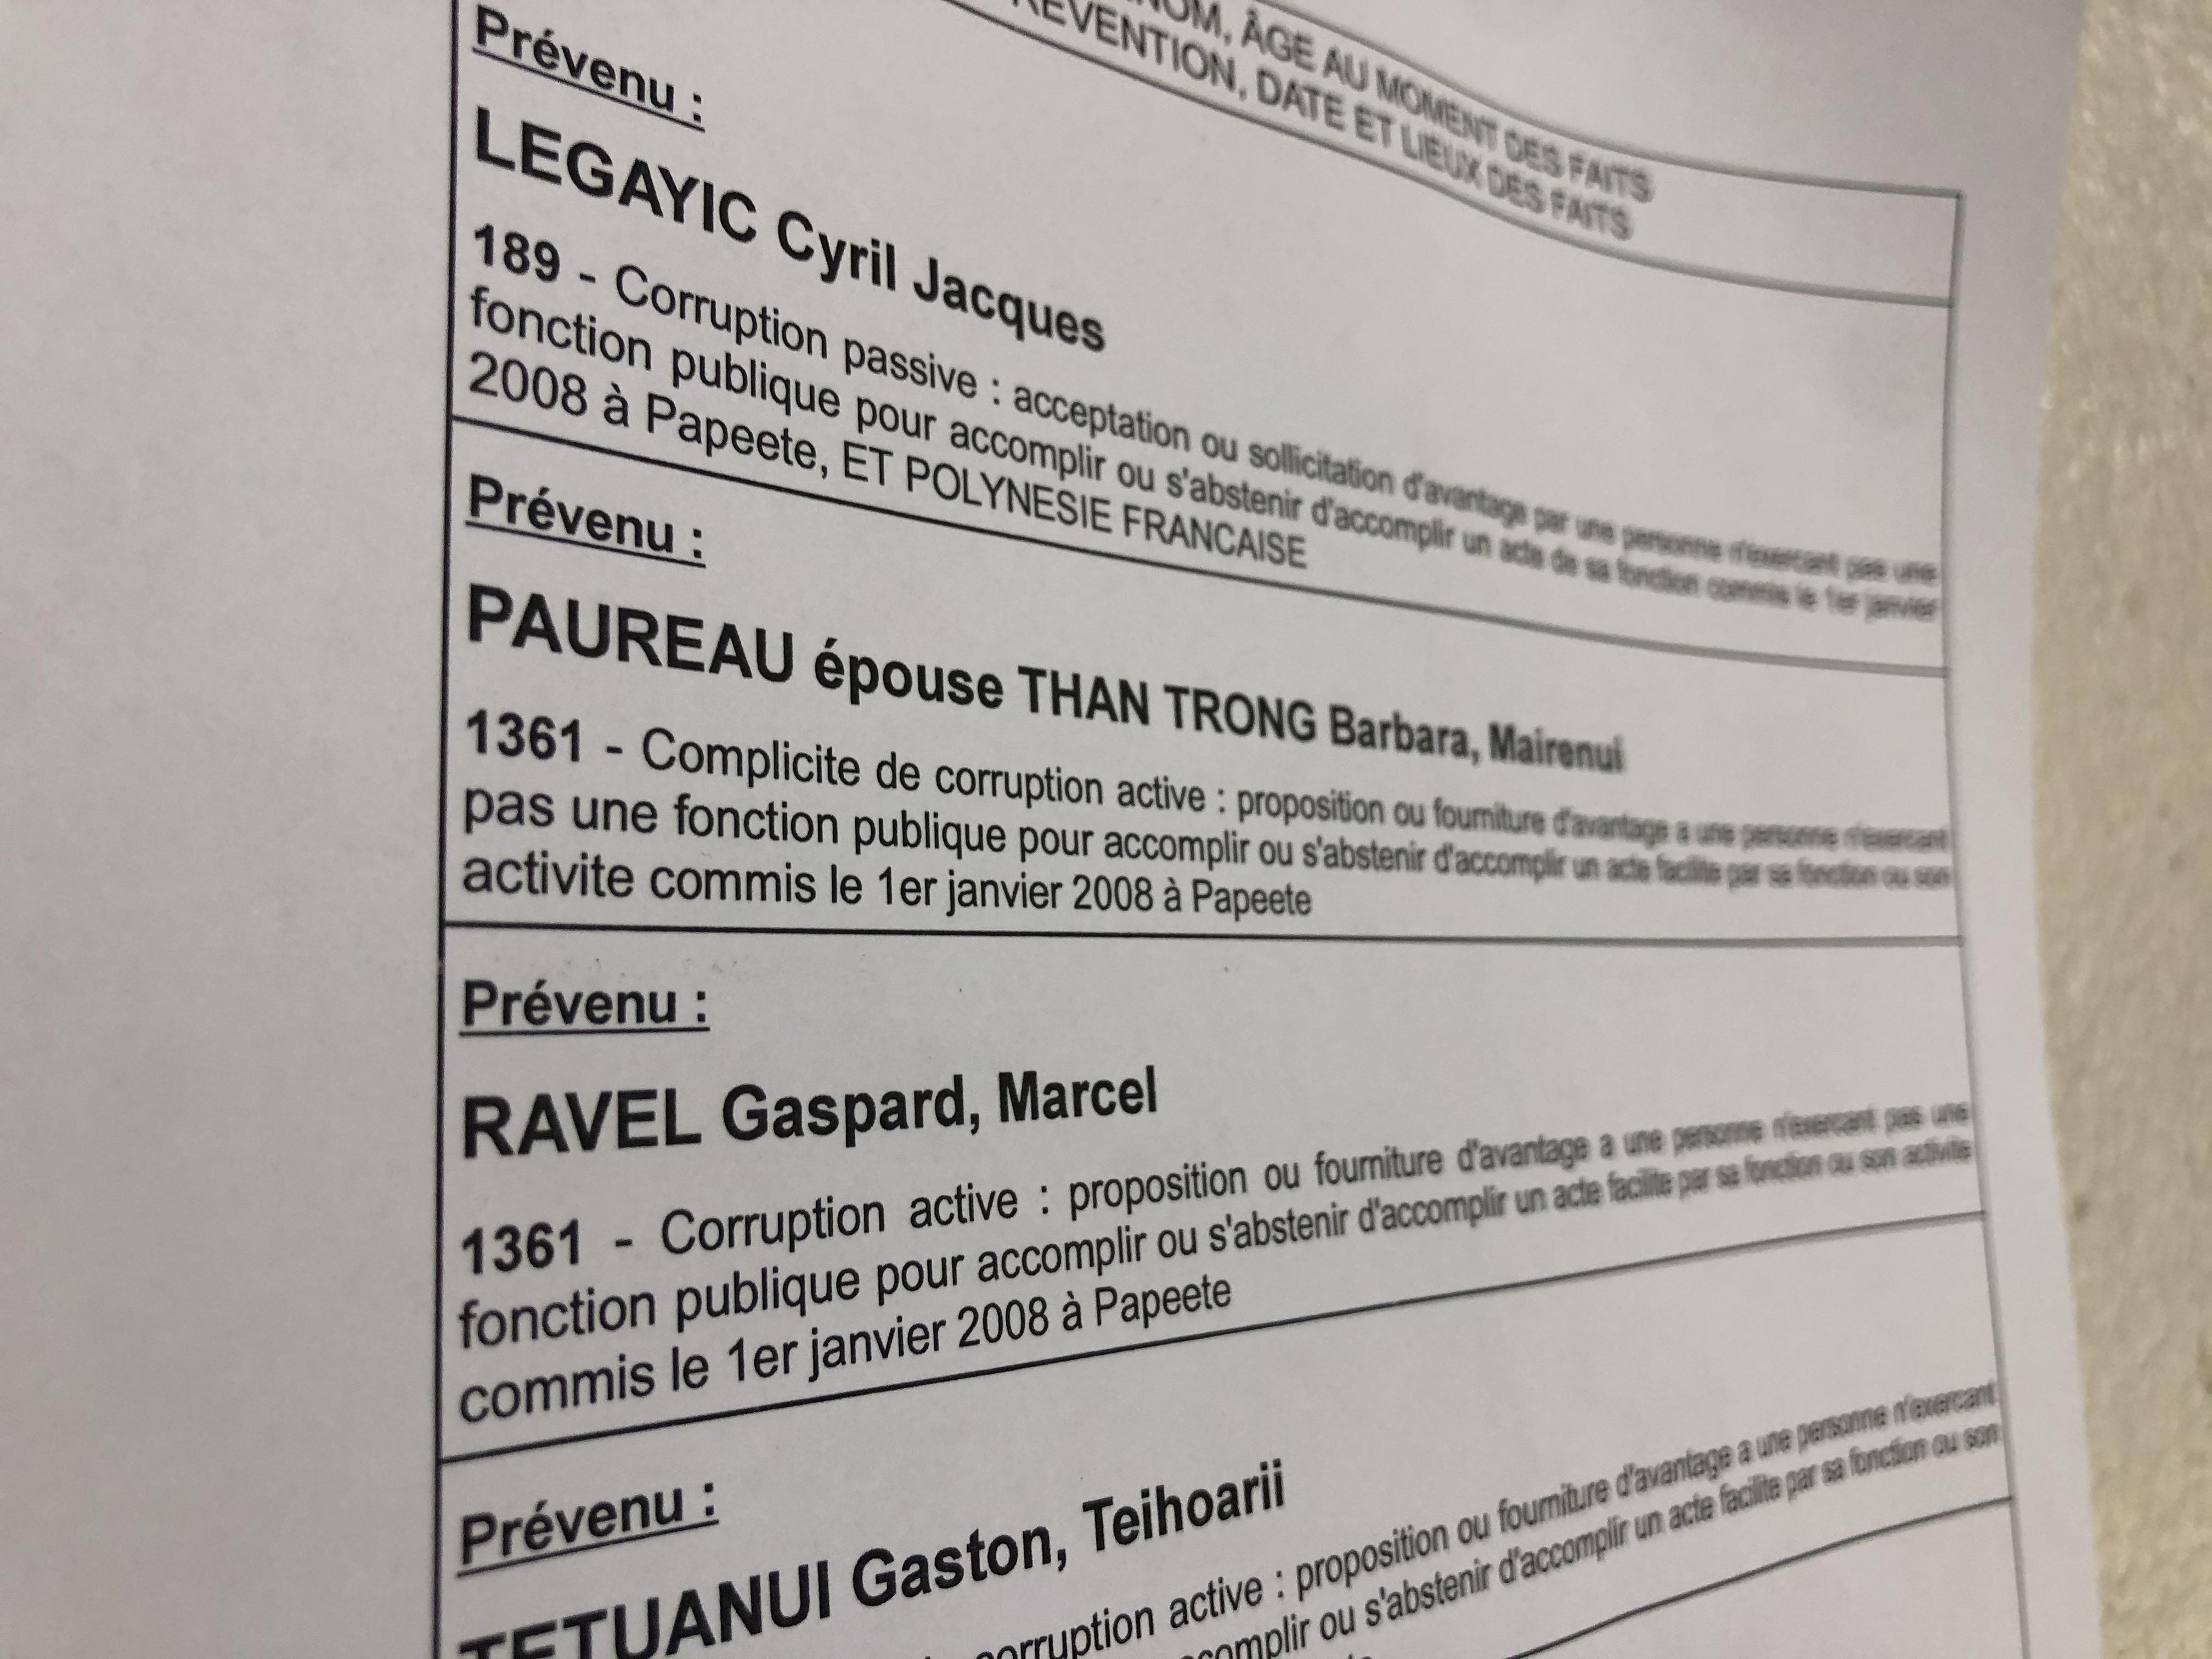 Nouveau renvoi pour l'affaire Ravel-Le Gayic